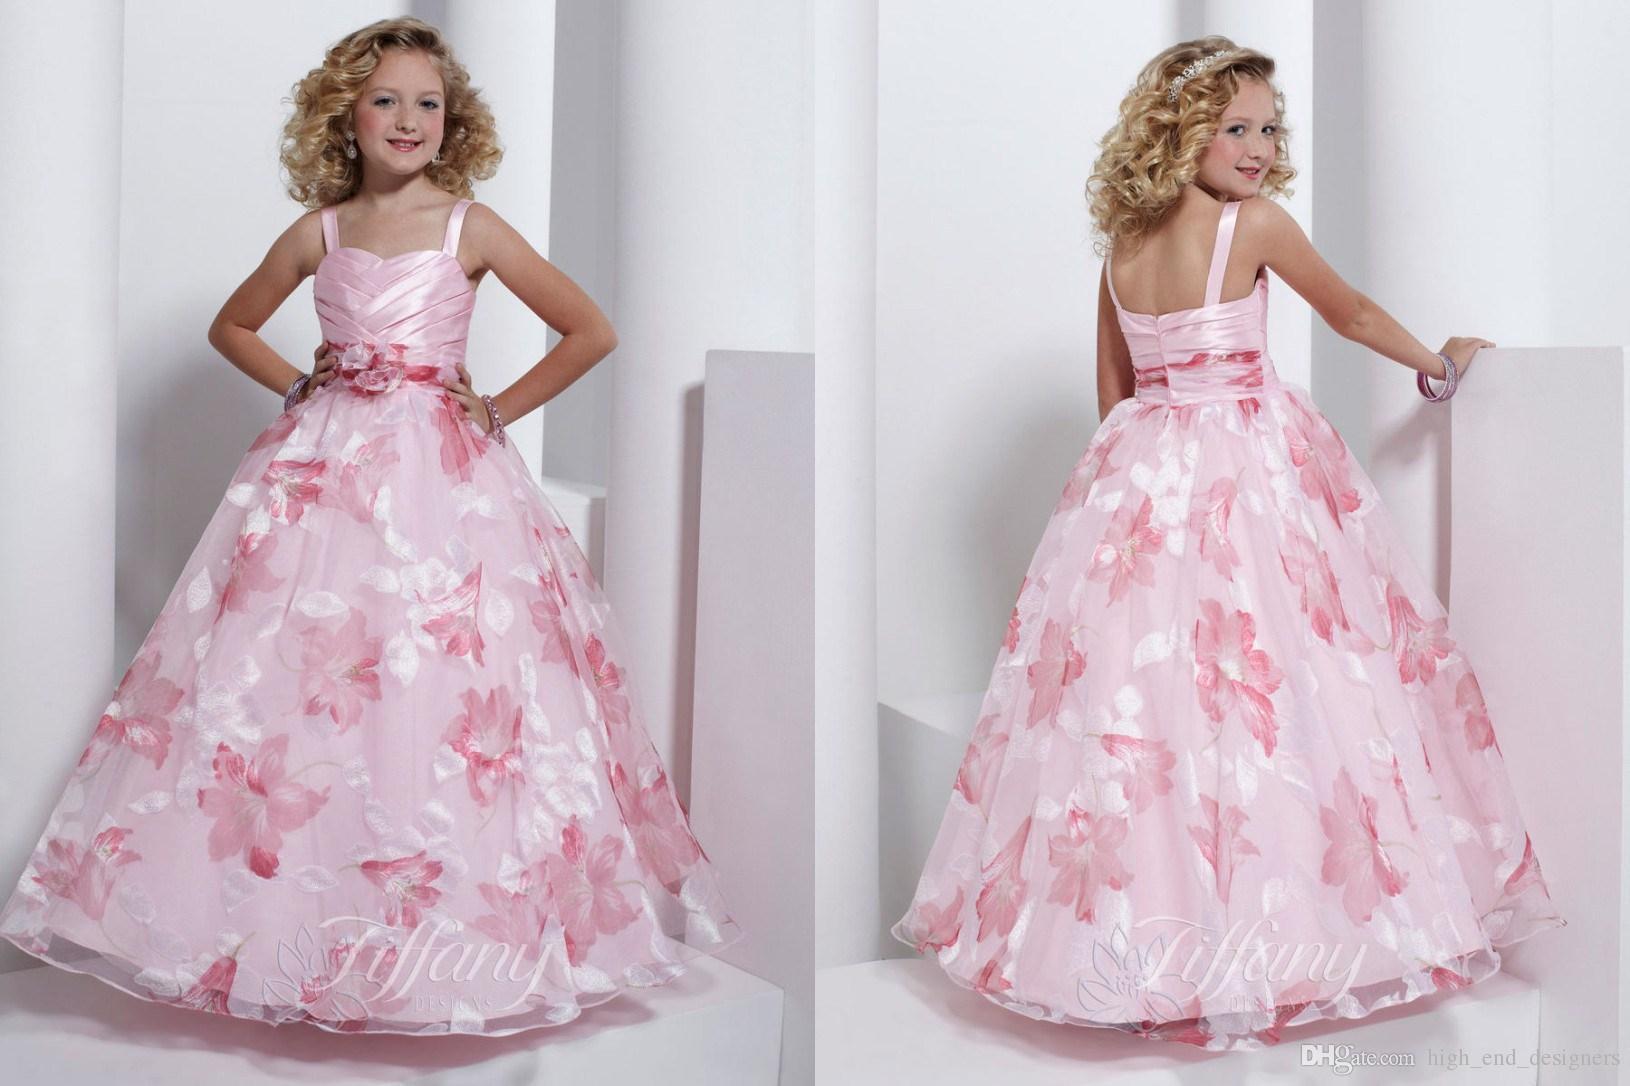 Wedding Toddler Flower Girl Dresses flower girls dresses spaghetti strap ball gown pattern light pink dress kid children big girl